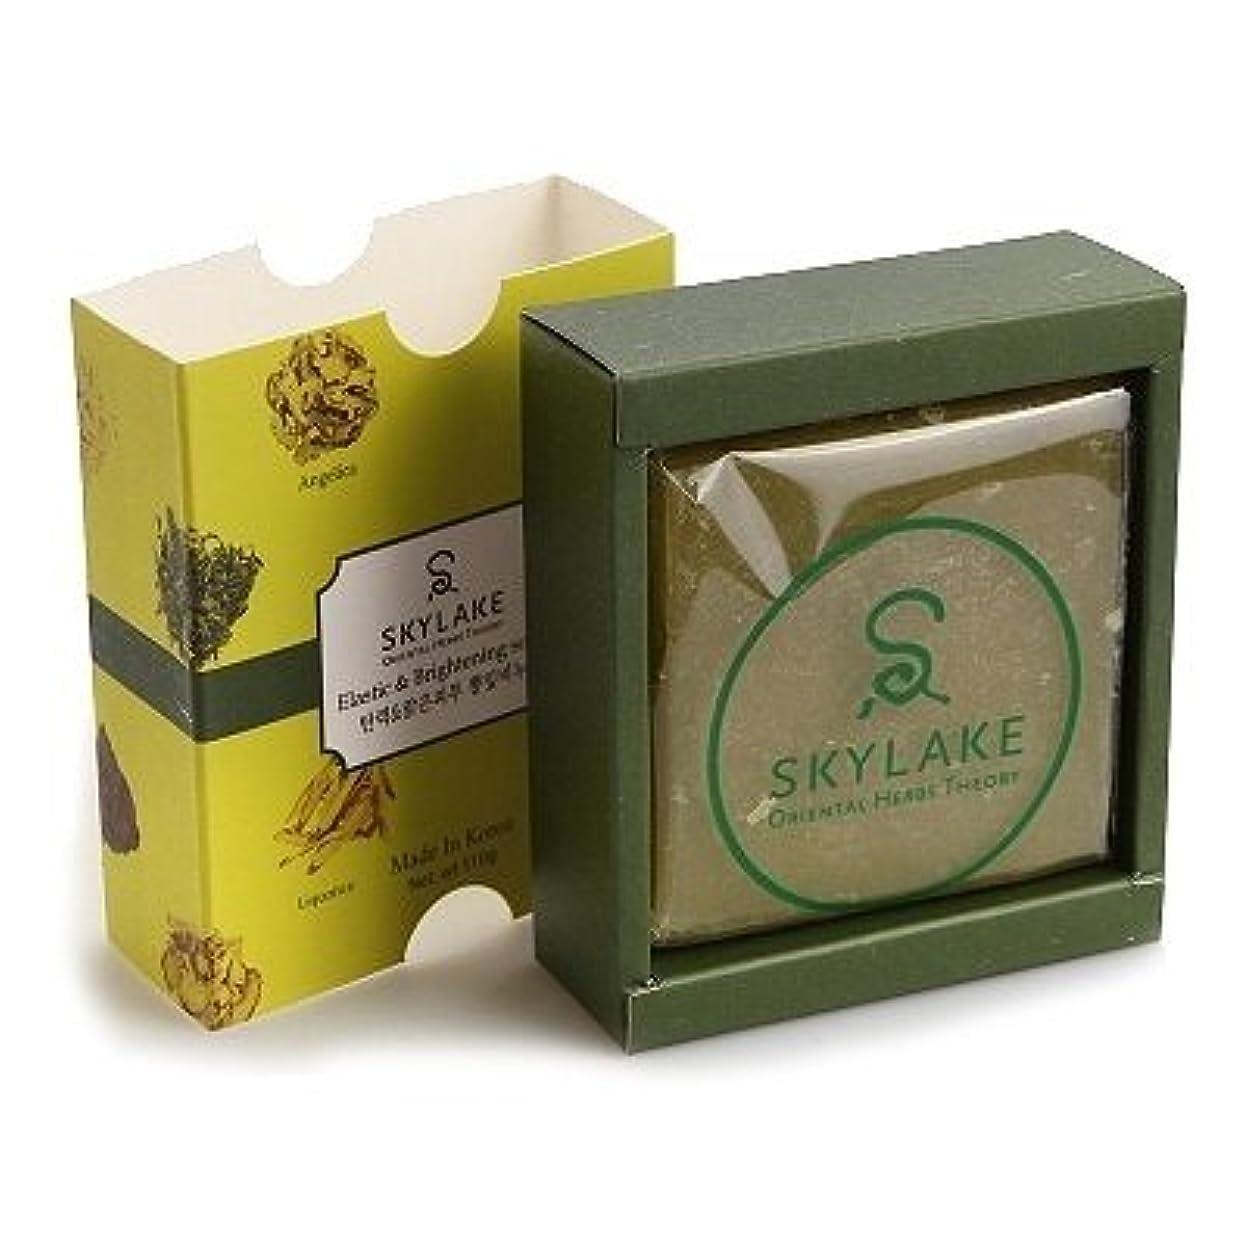 静的留め金礼拝[1+1]ハヌルホス[Skylake] 漢方アロマ石鹸Oriental Herbs Theory Soap (ハリ改善&ブライトニング用)